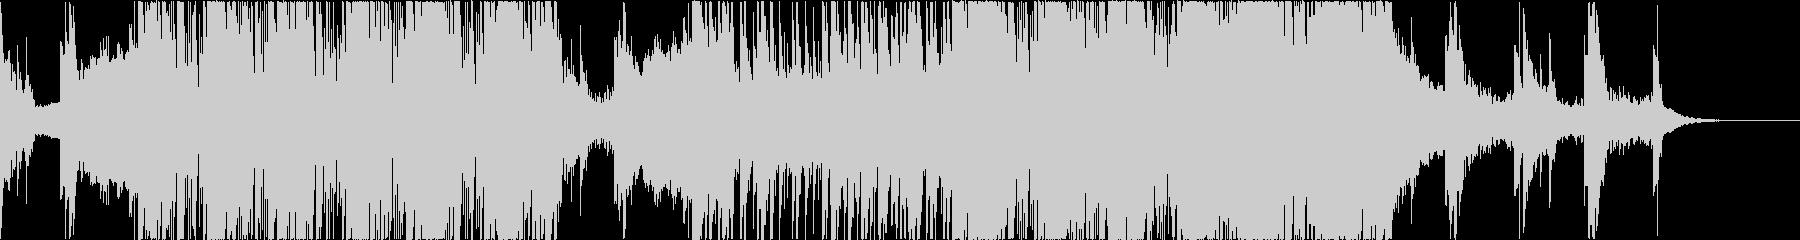 荒々しいパーカッションメインの電子音楽の未再生の波形